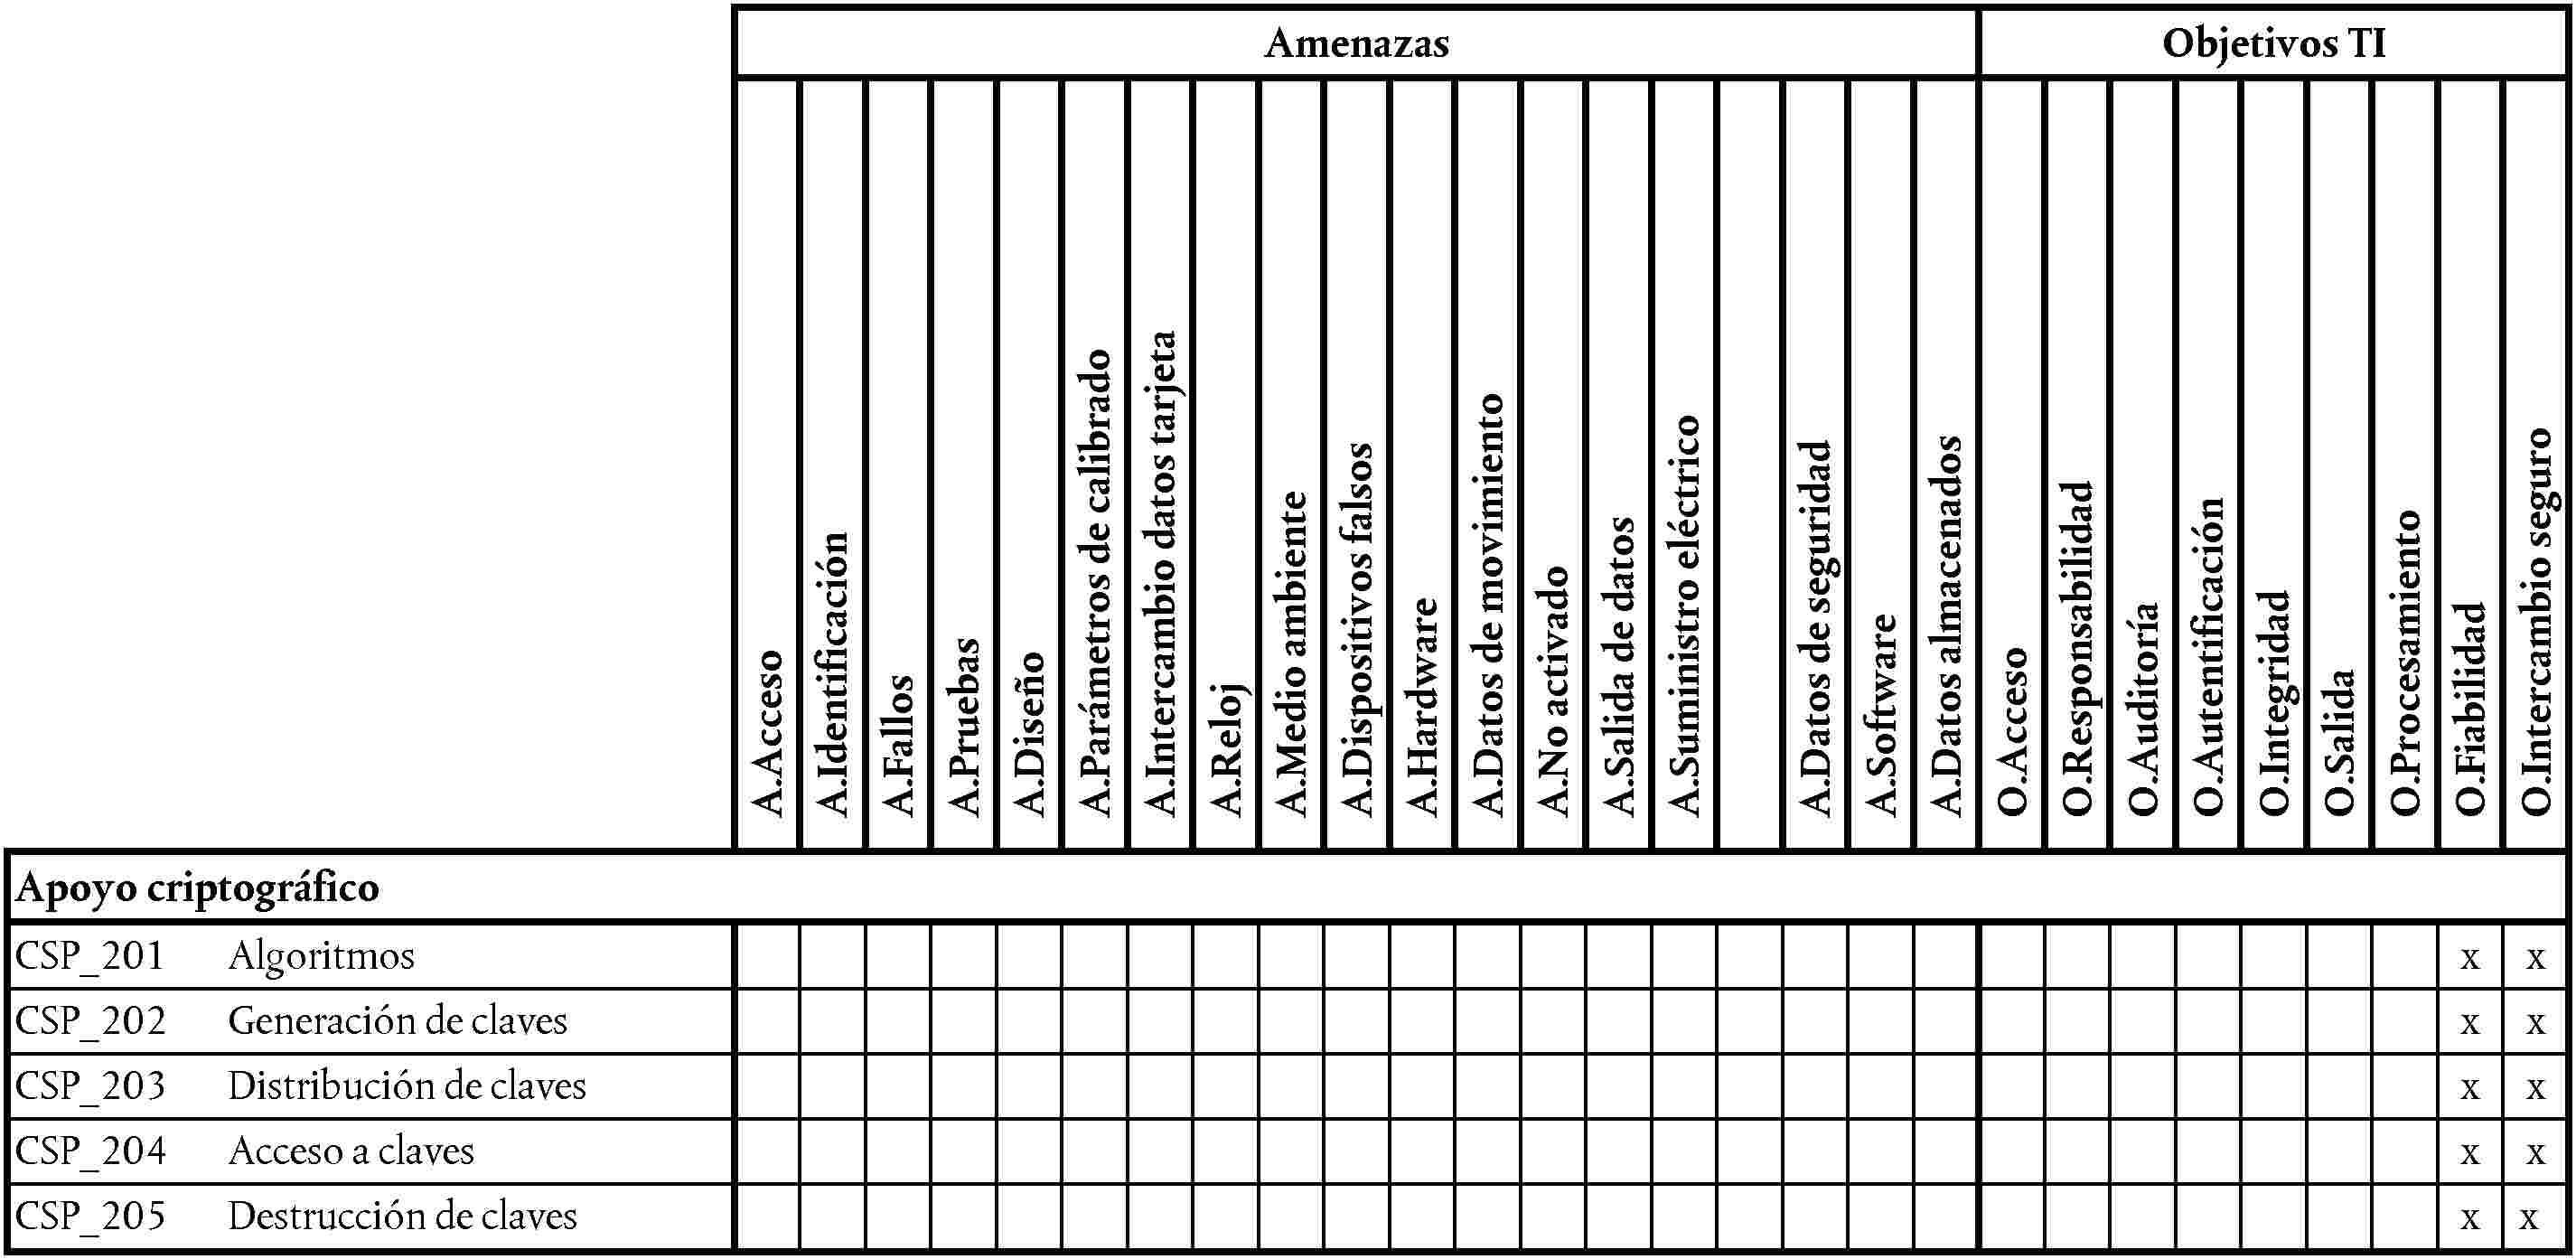 Calendario Abril Per Imprimir Más Actual Texto Consolidado R3821 — Es — 01 10 2012 Of Calendario Abril Per Imprimir Más Reciente Eur Lex R3821 Es Eur Lex